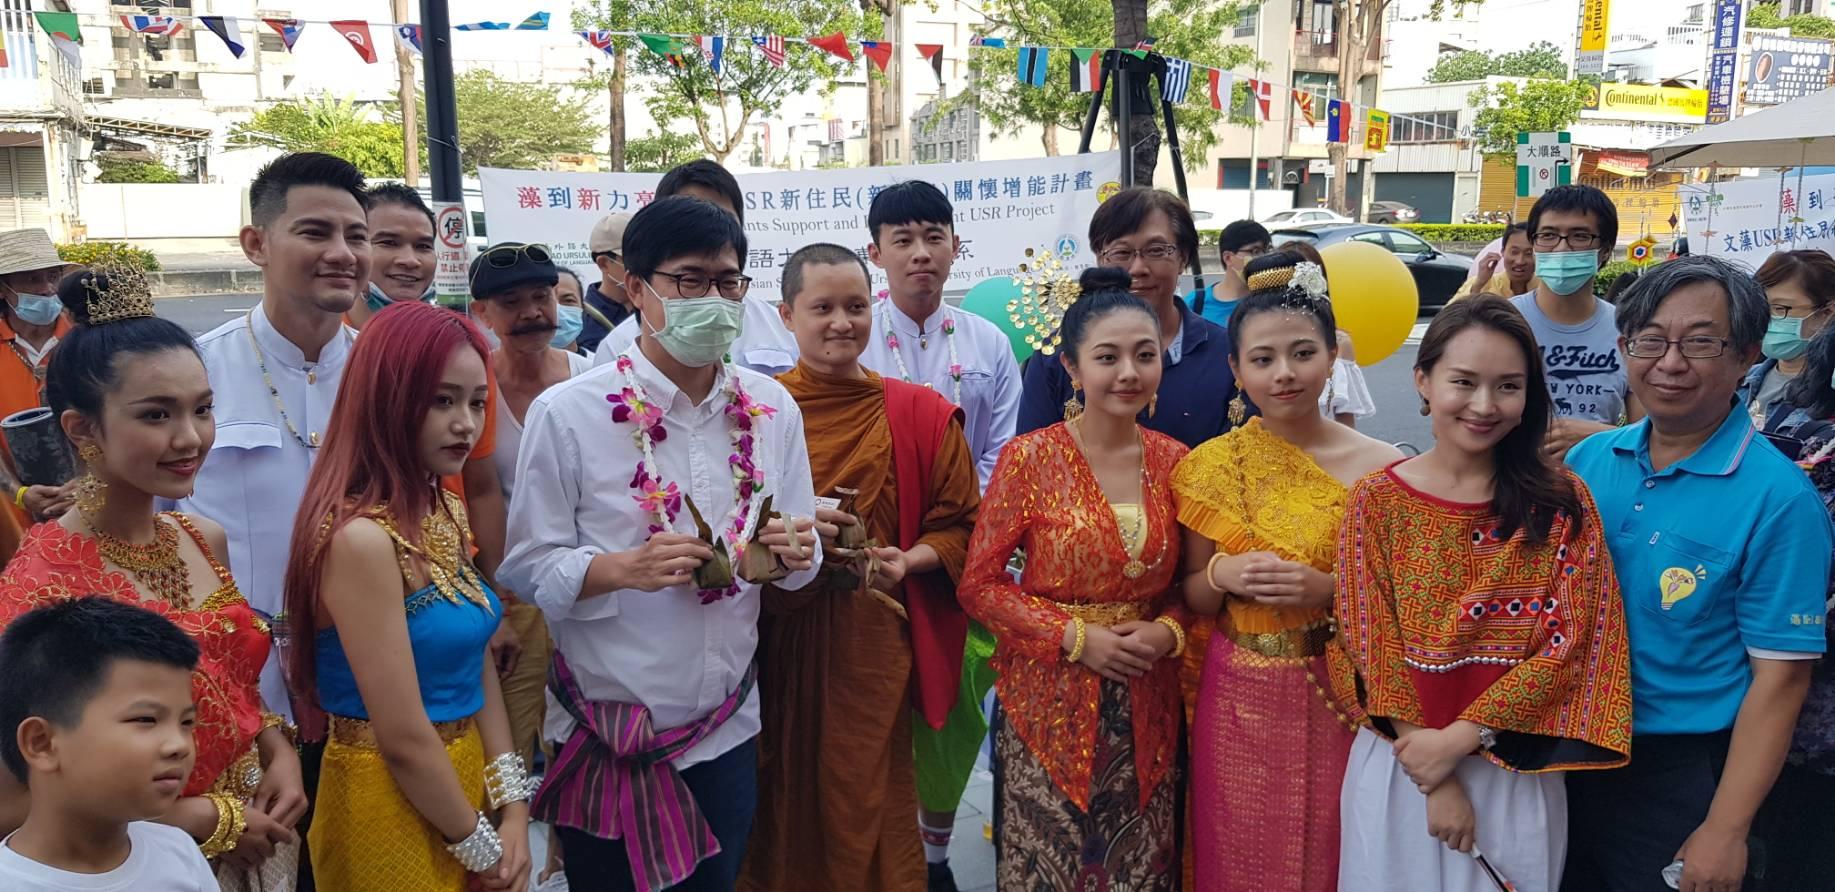 東南亞學系師生「泰吸晴」